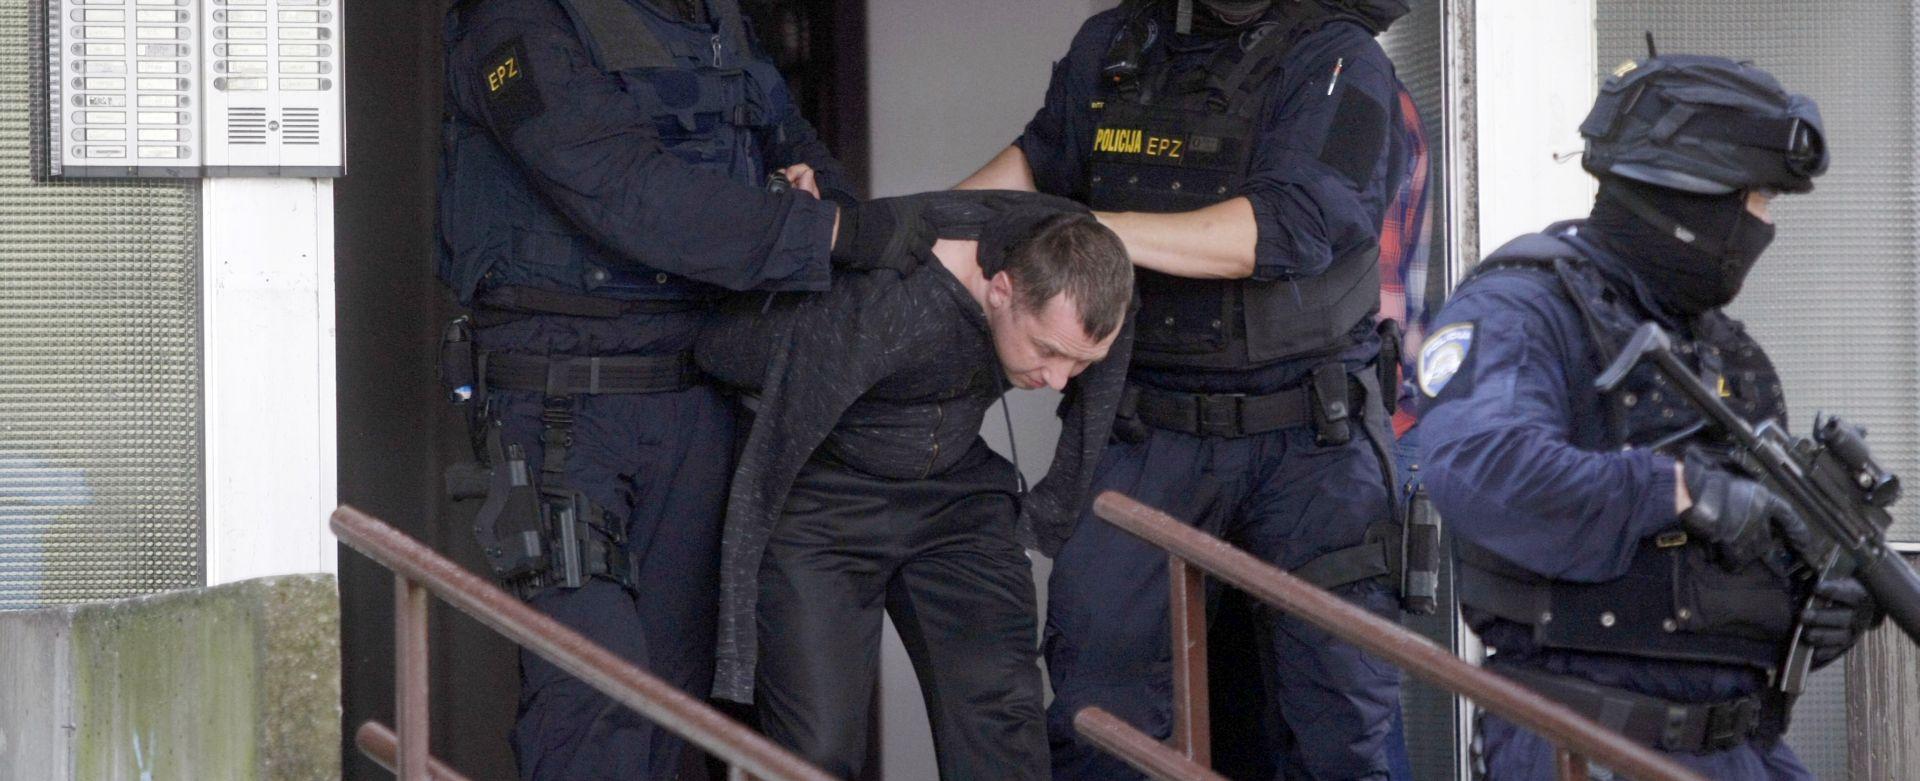 Muškarac koji je pijan pucao po Utrinama u pritvoru